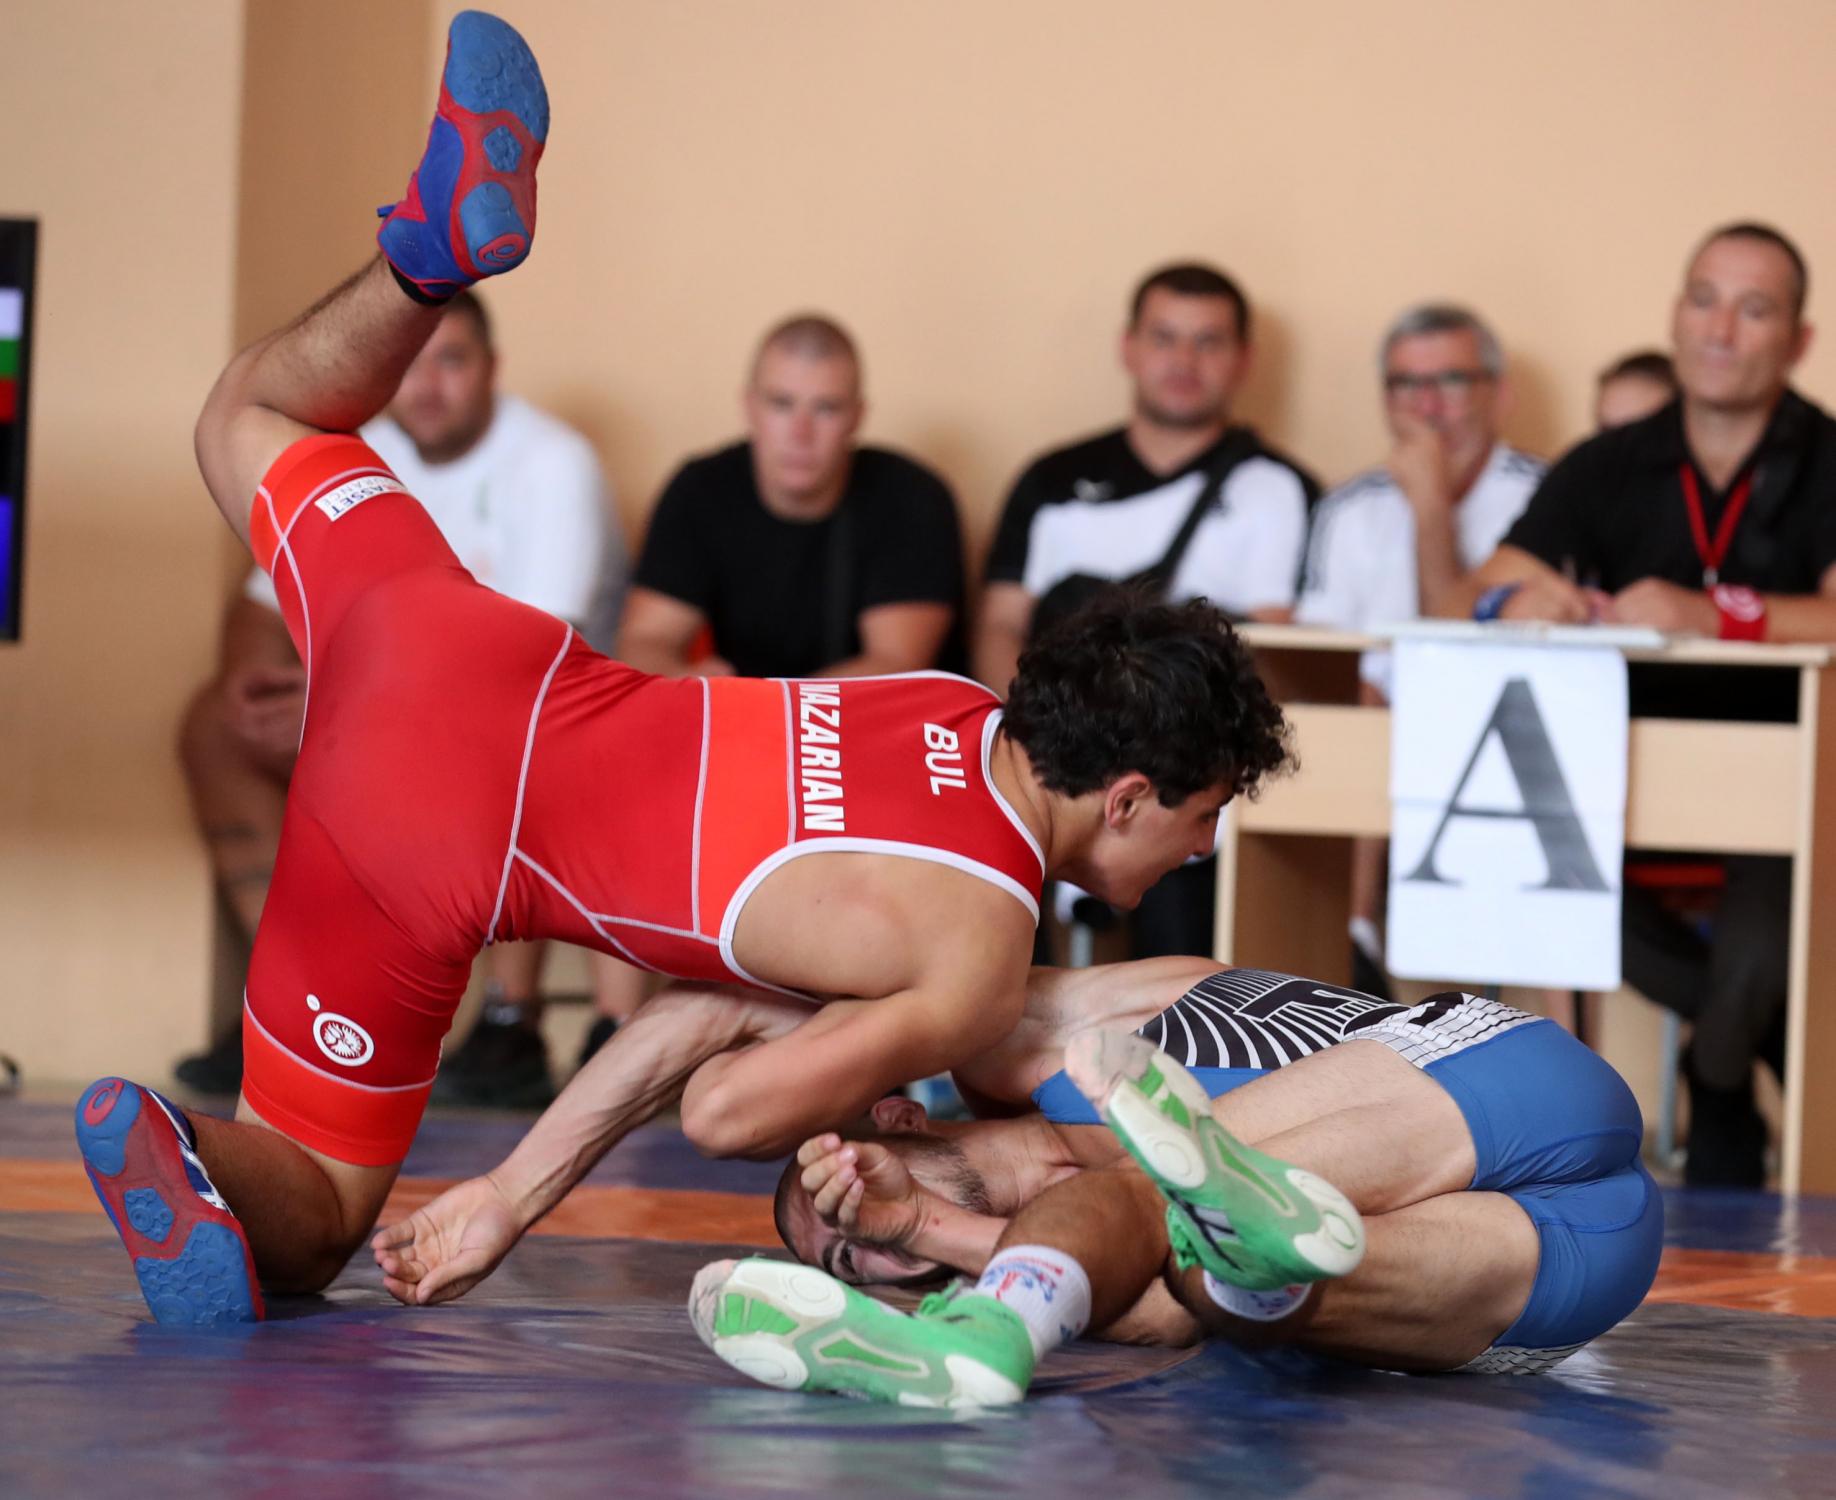 Едмонд Назарян с титла и купа за най-техничен състезател